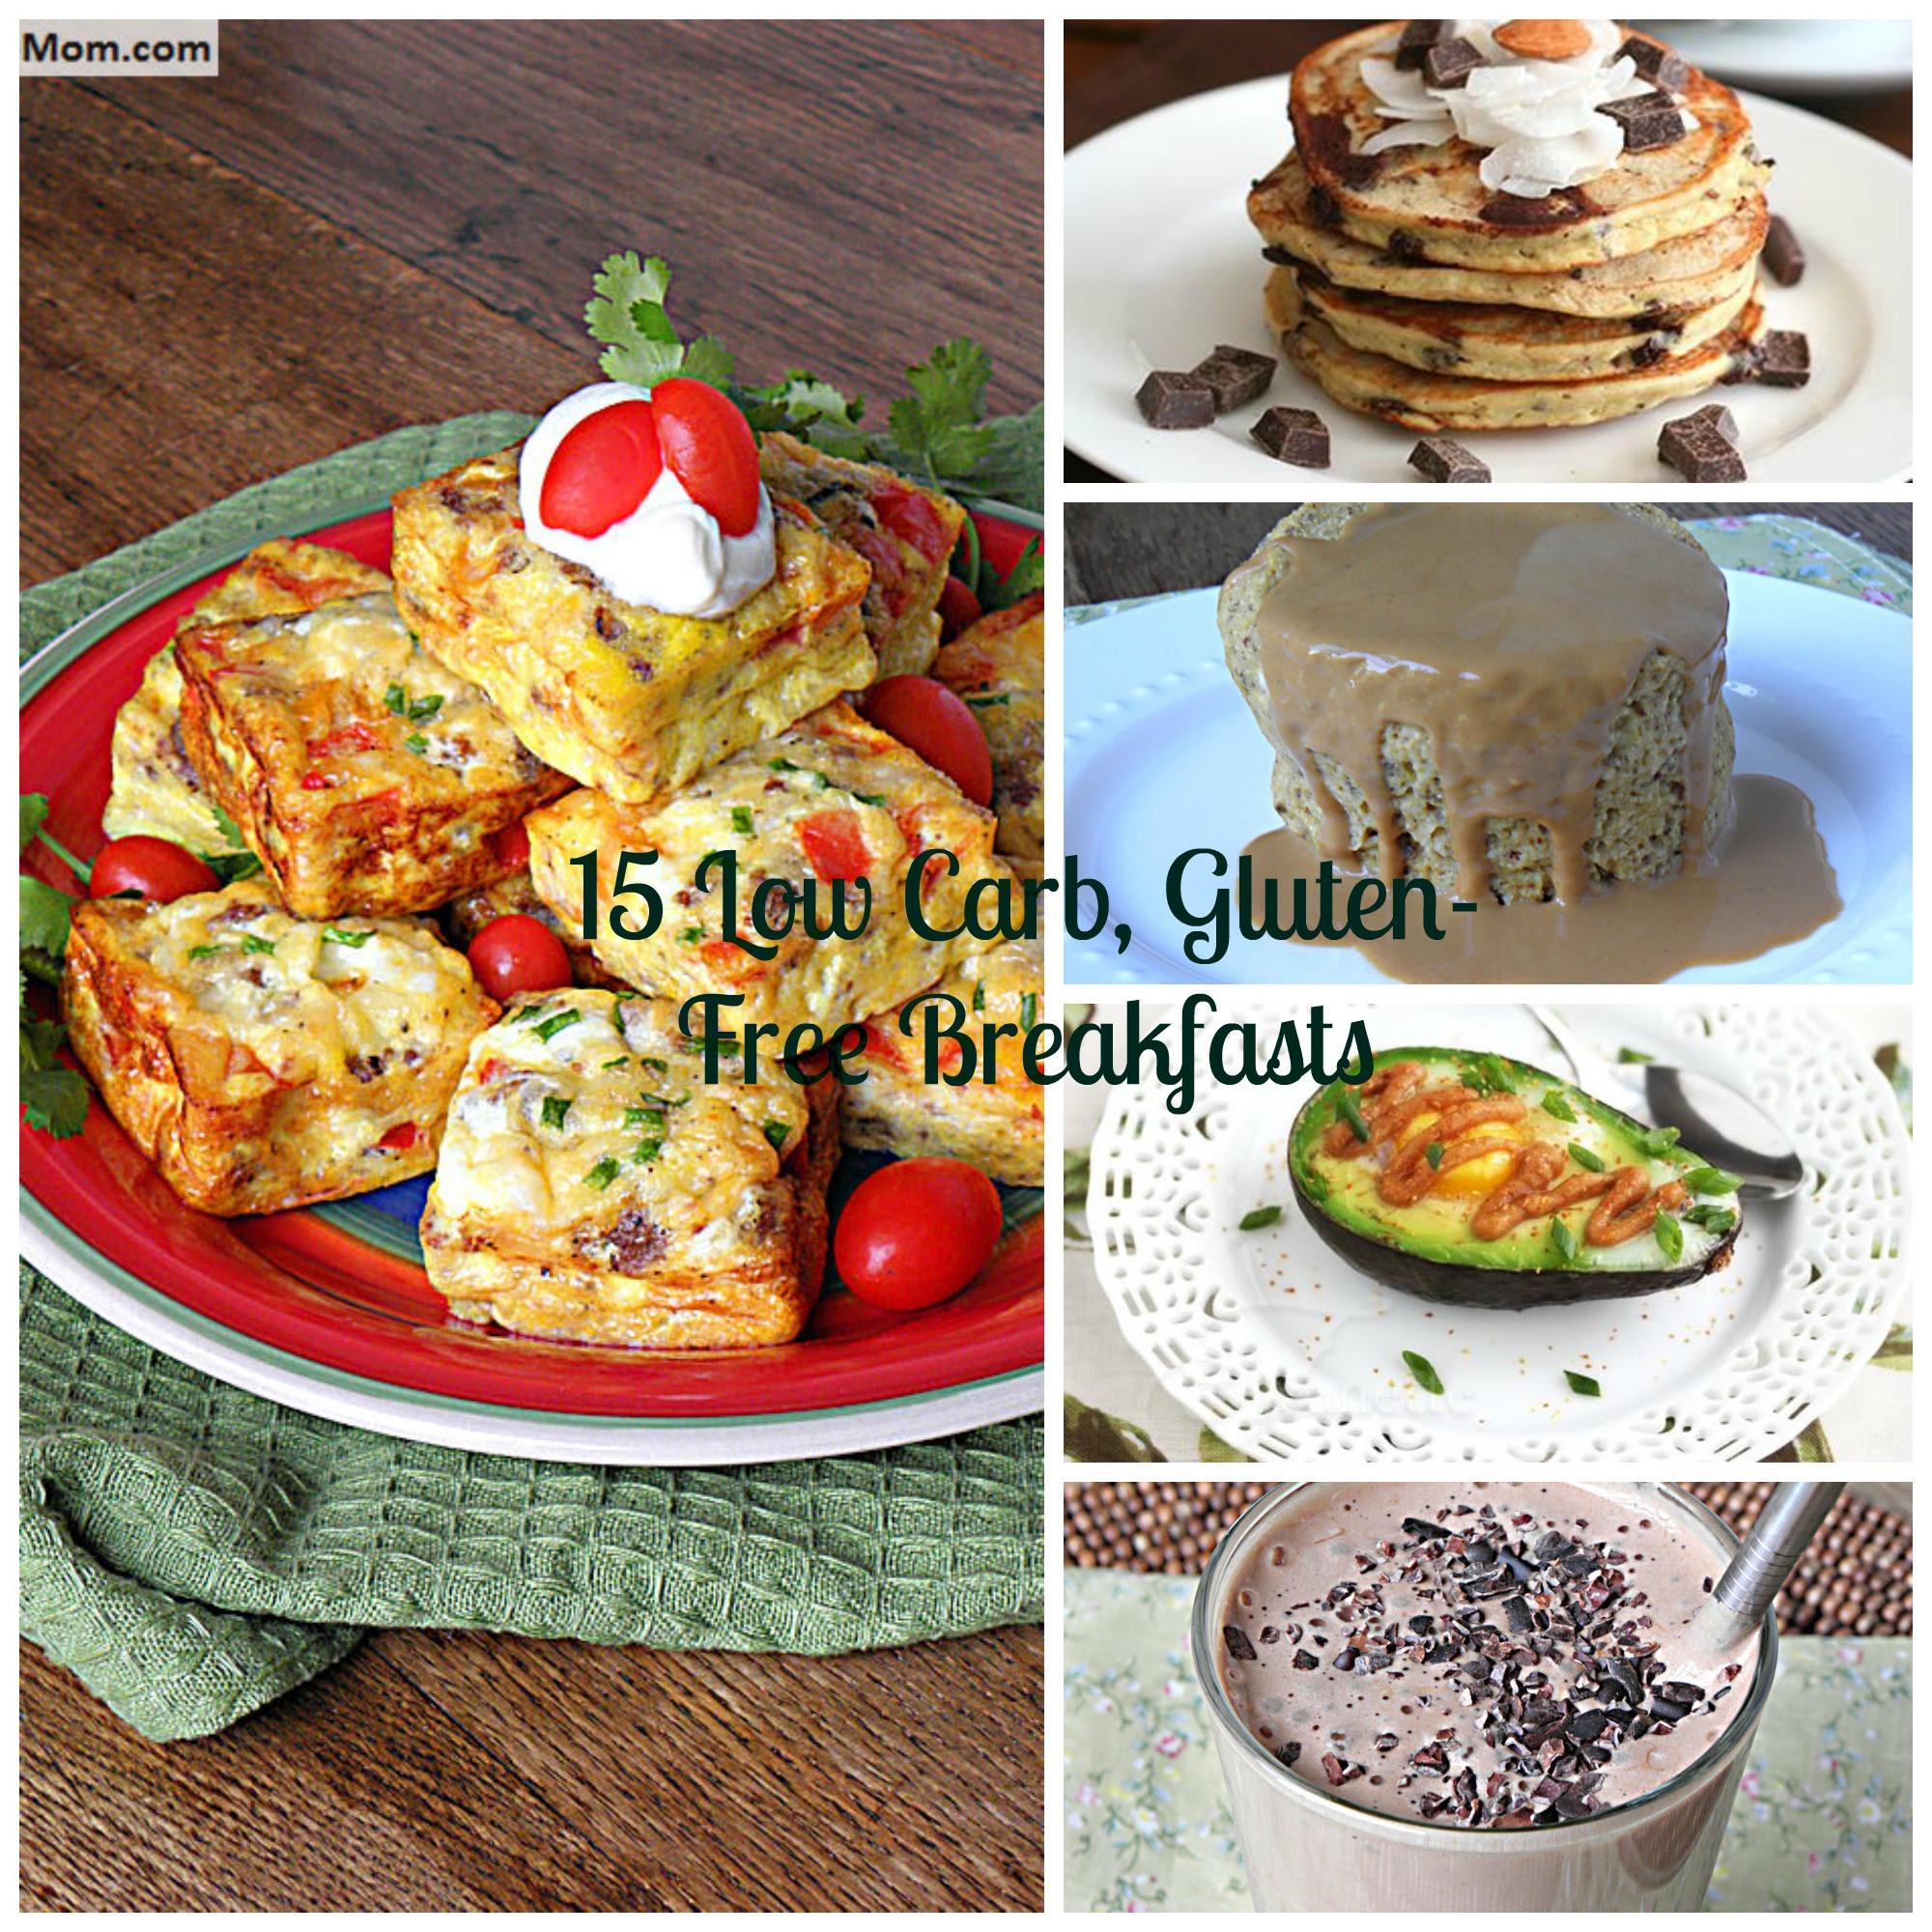 Healthy Breakfast For Diabetics  15 Gluten Free Low Carb & Diabetic Friendly Breakfast Recipes